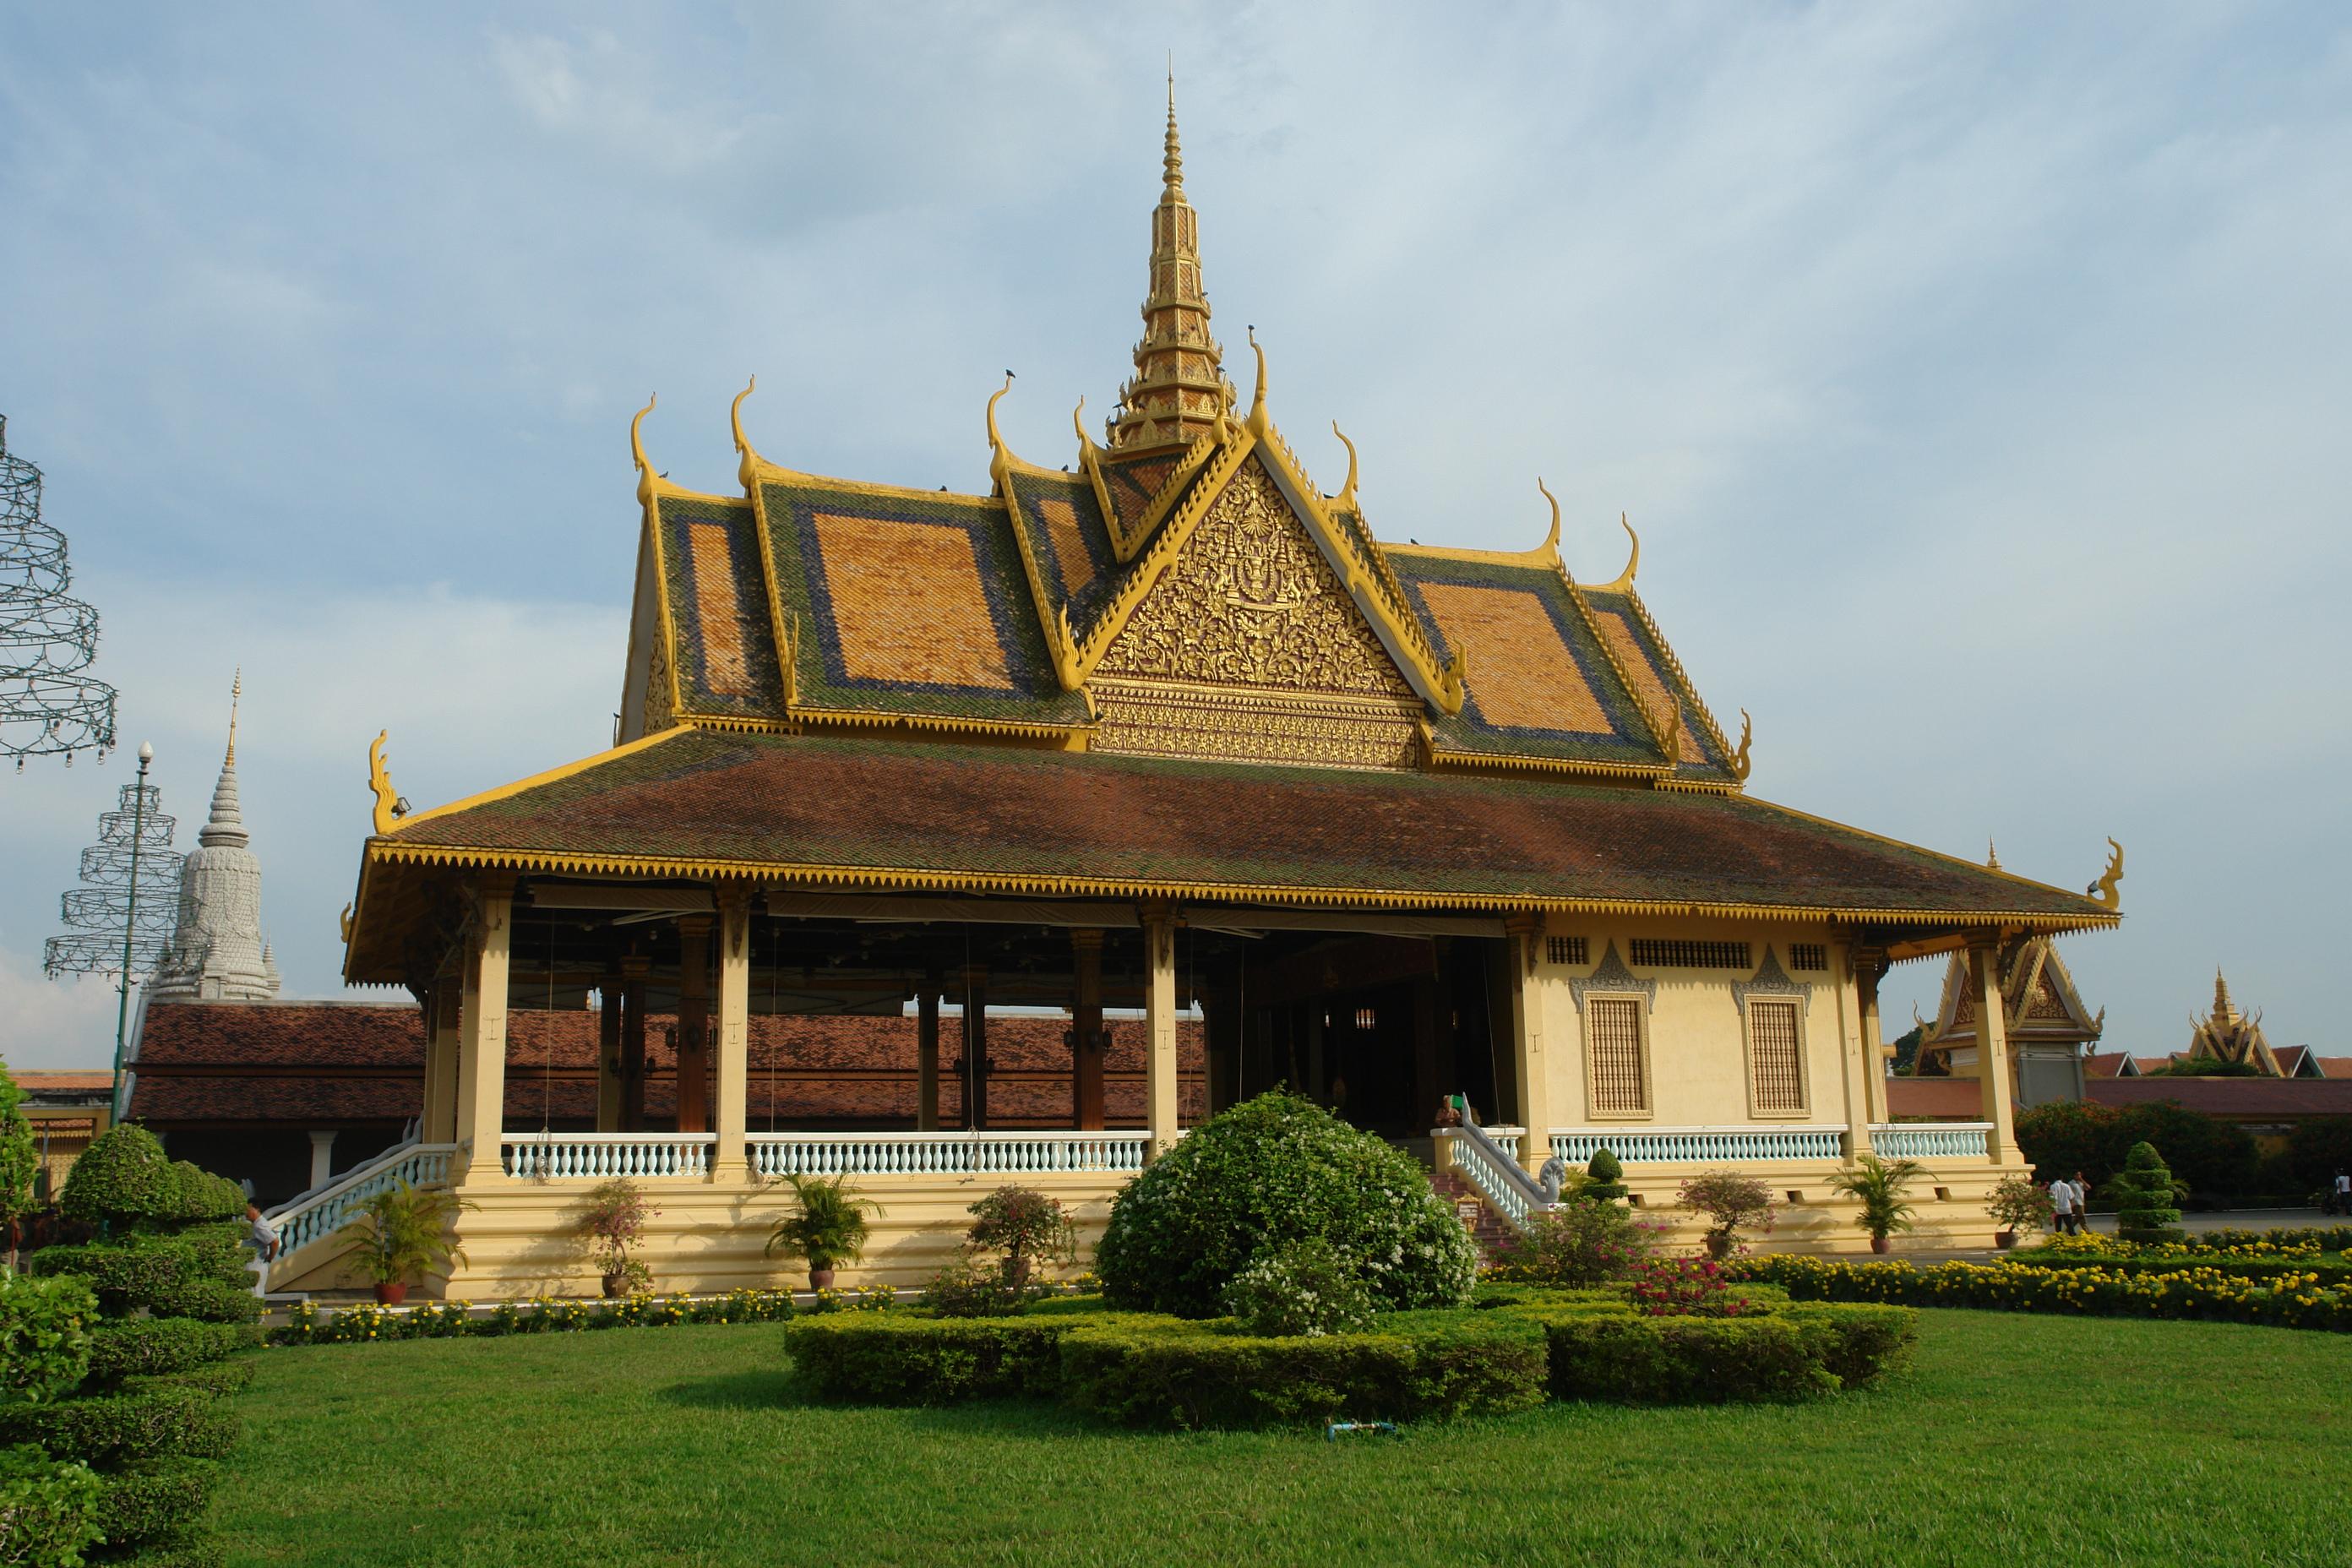 Kingdom of Wonder, Phnom Penh, Royal Palace